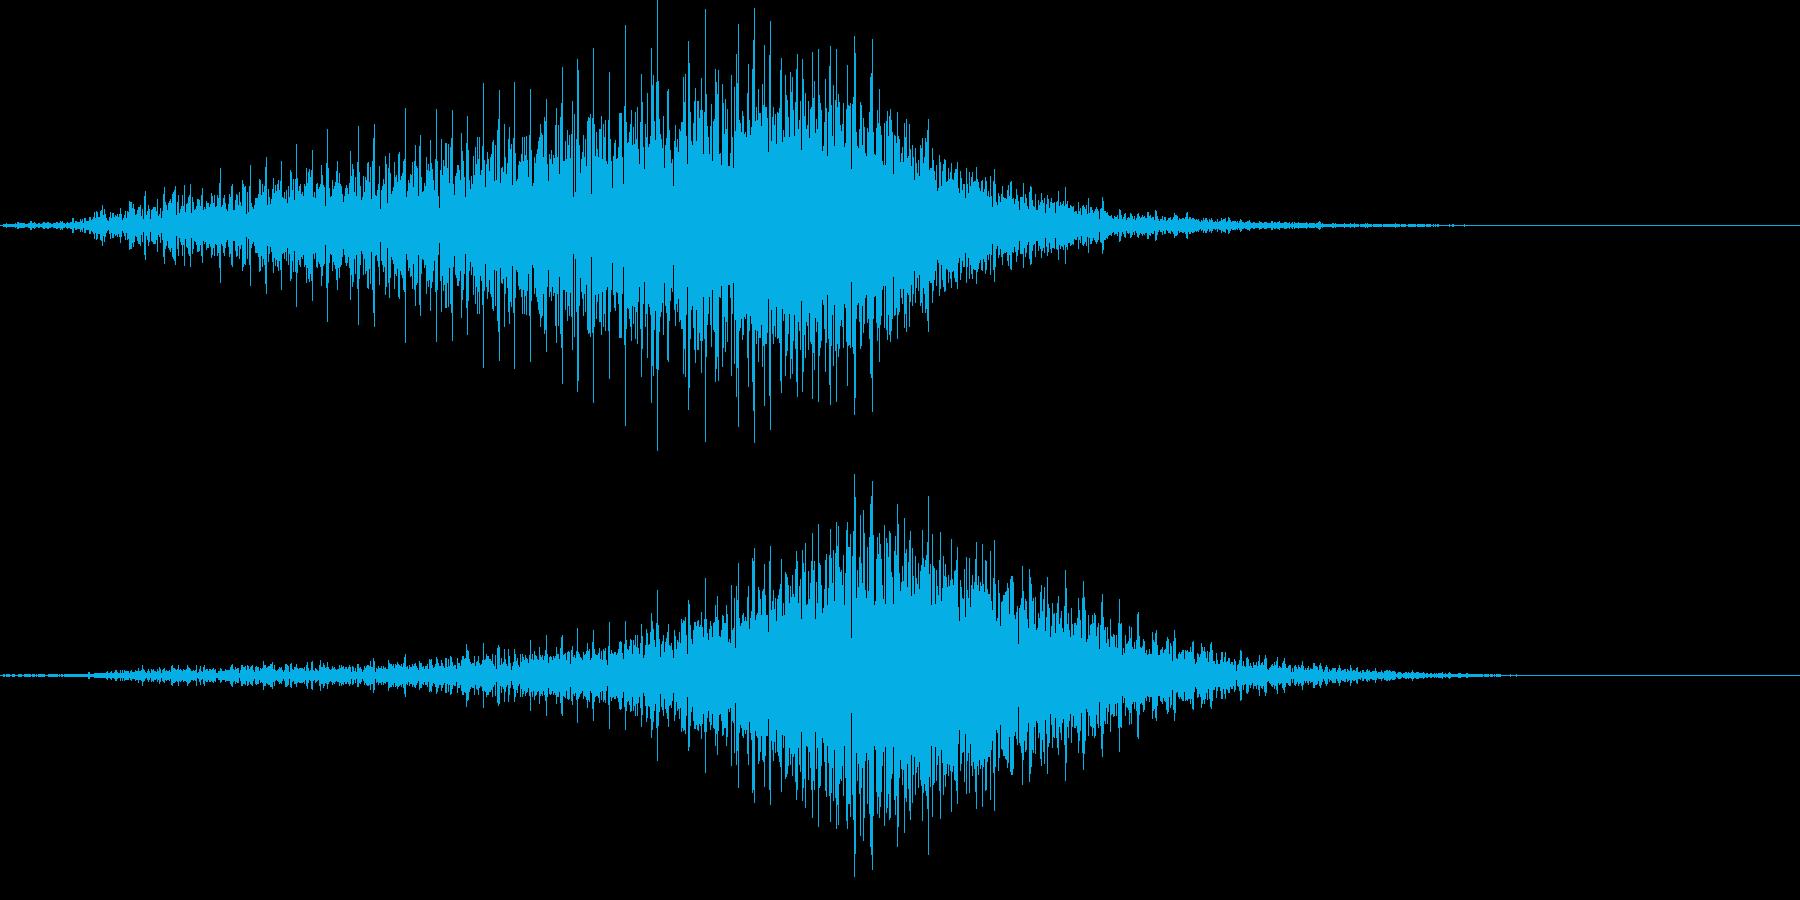 【輸送機】ブルブル,バラバラ 左から右の再生済みの波形